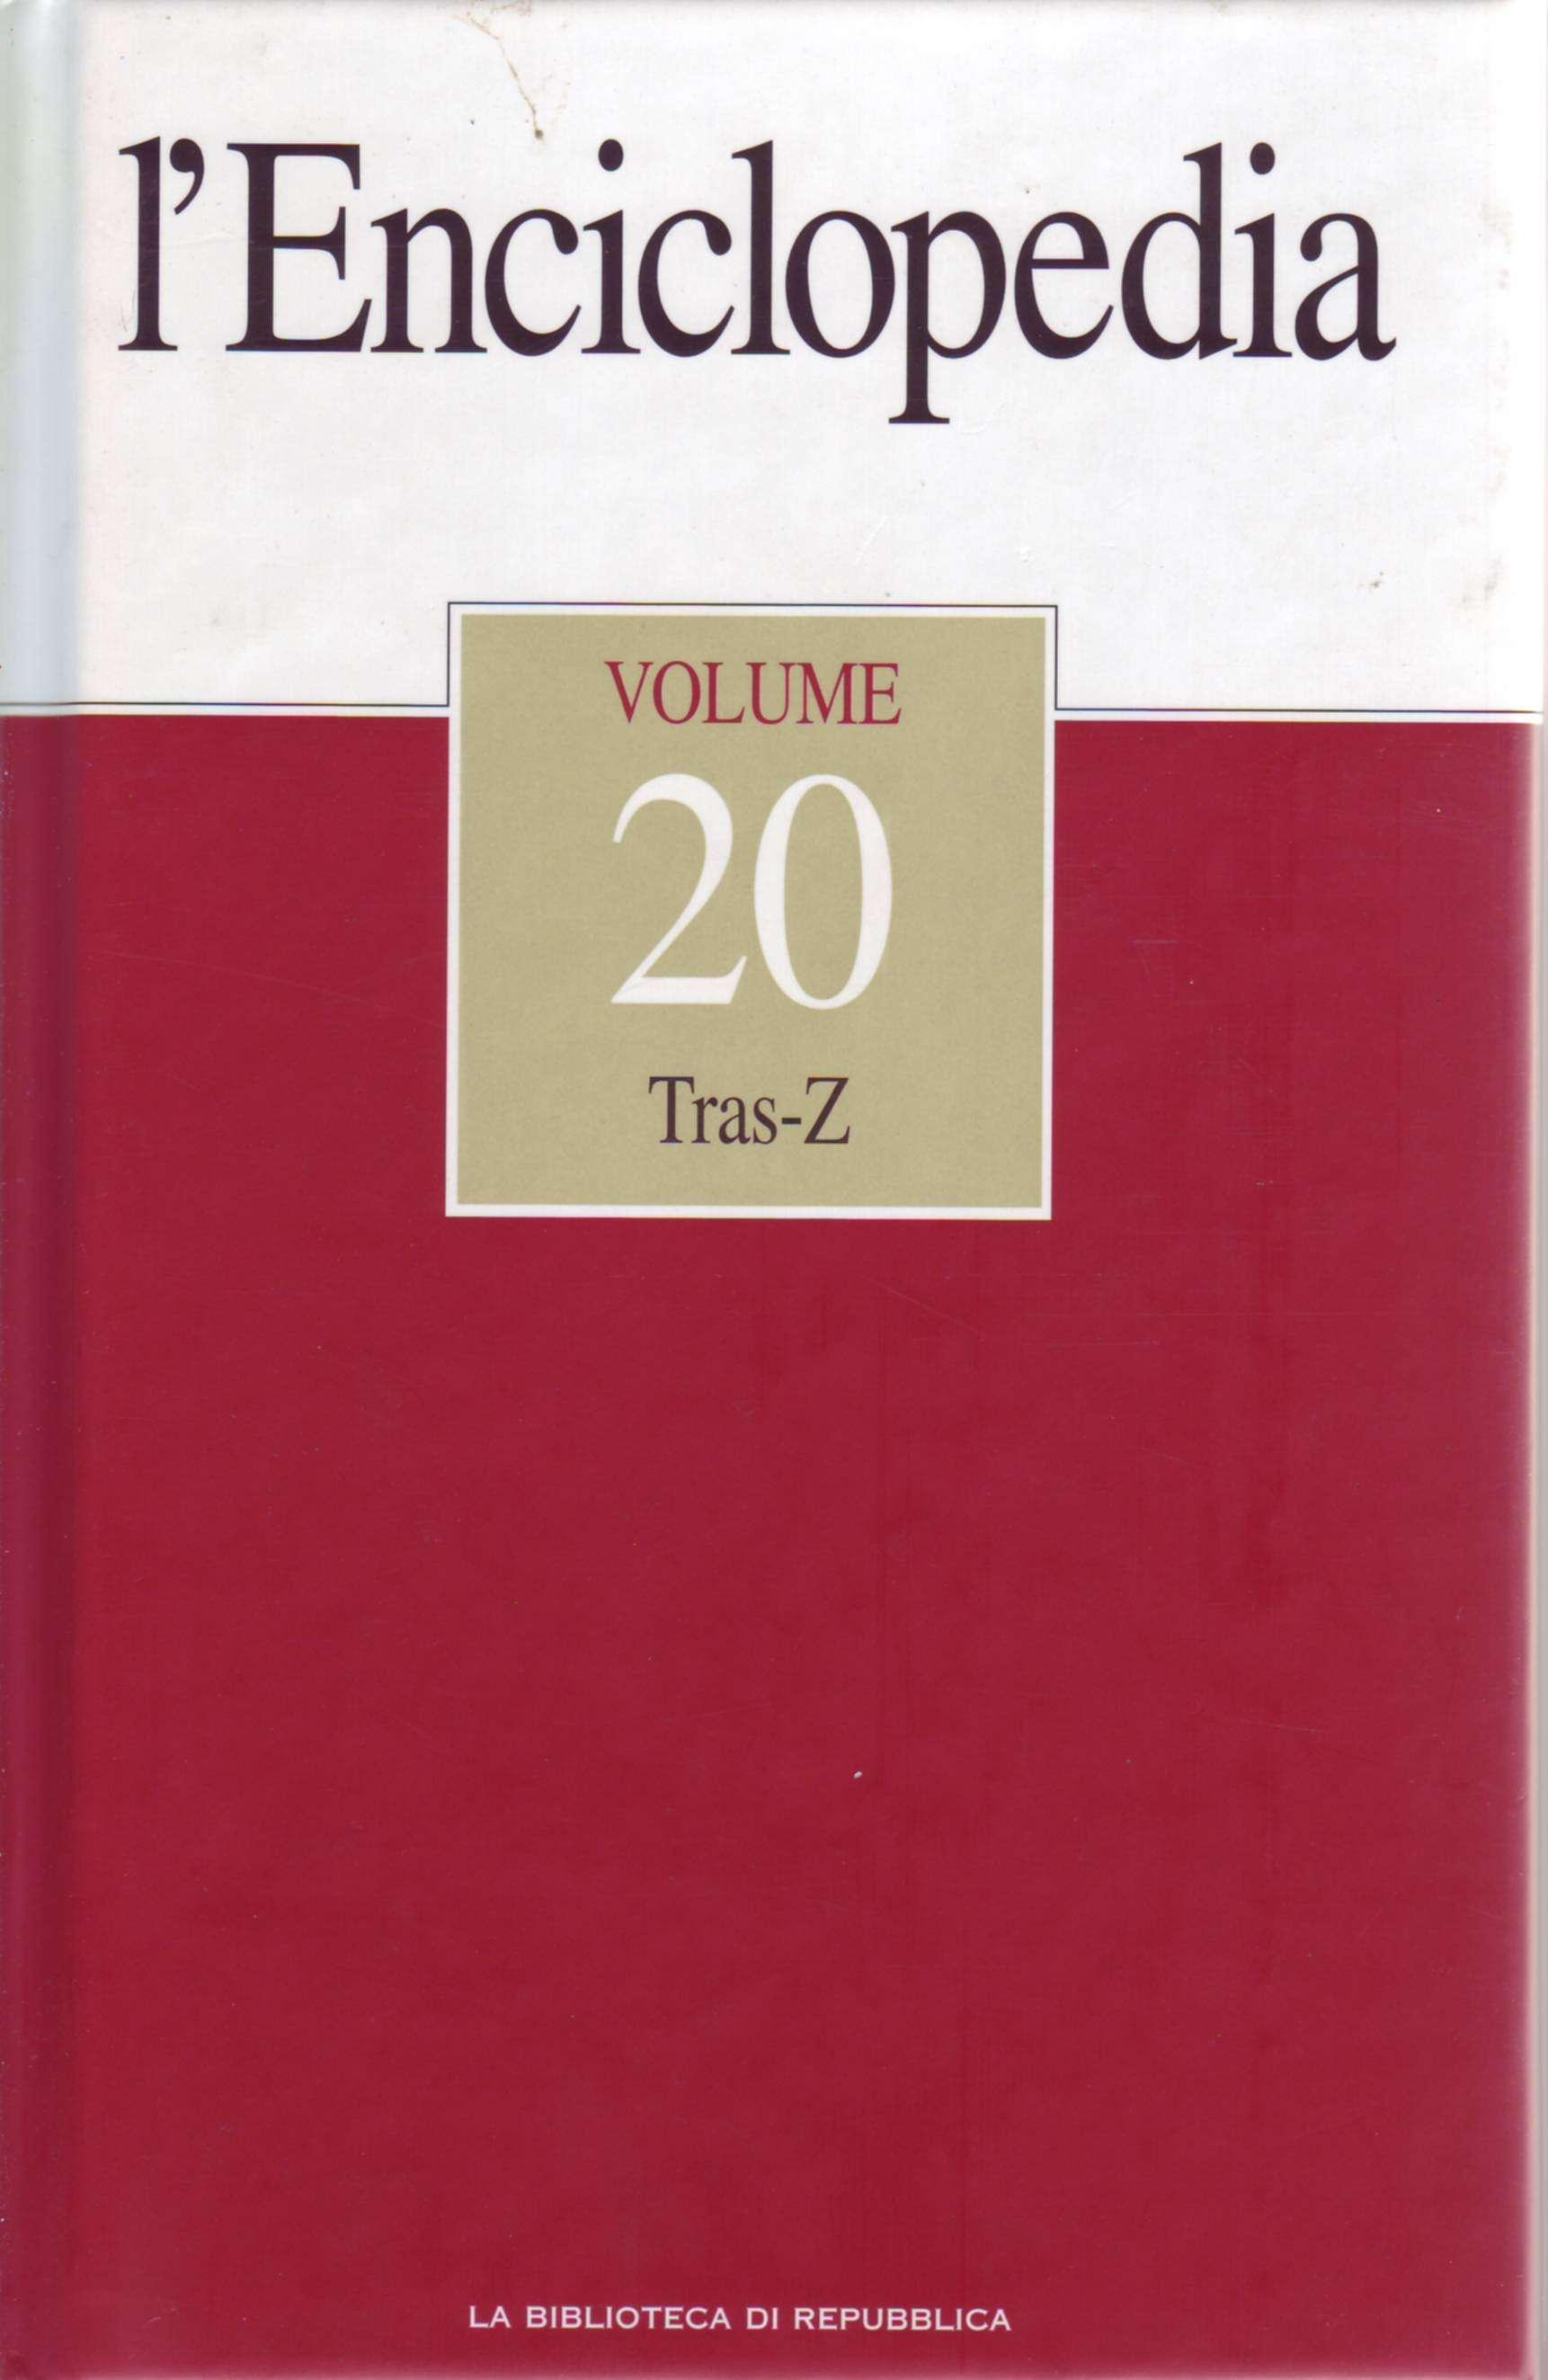 L'Enciclopedia - Vol. 20